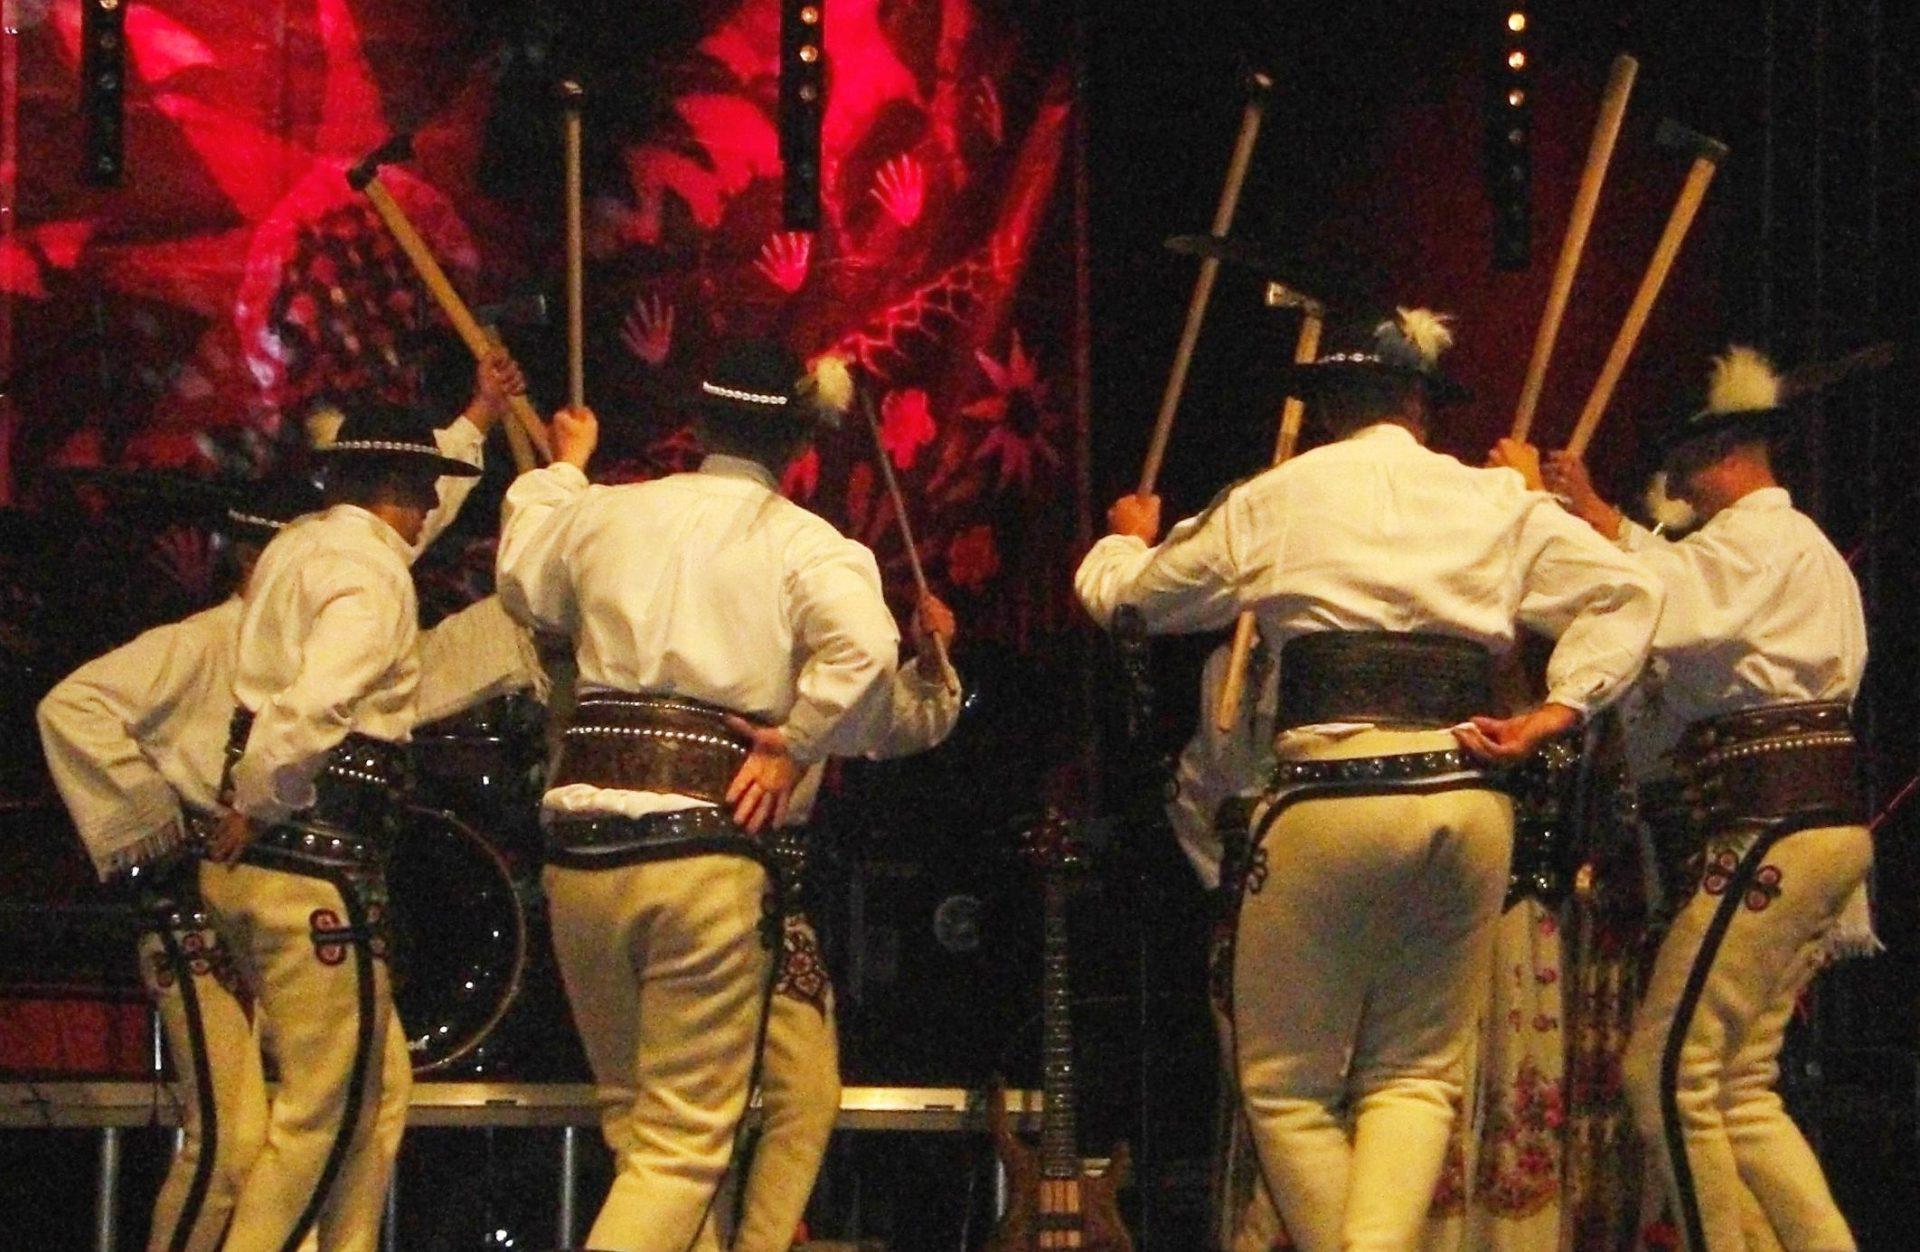 Tańce góralskie i zbójnickie prezentowane podczas Góralskiego Karnawału w Bukowinie Tatrzańskiej